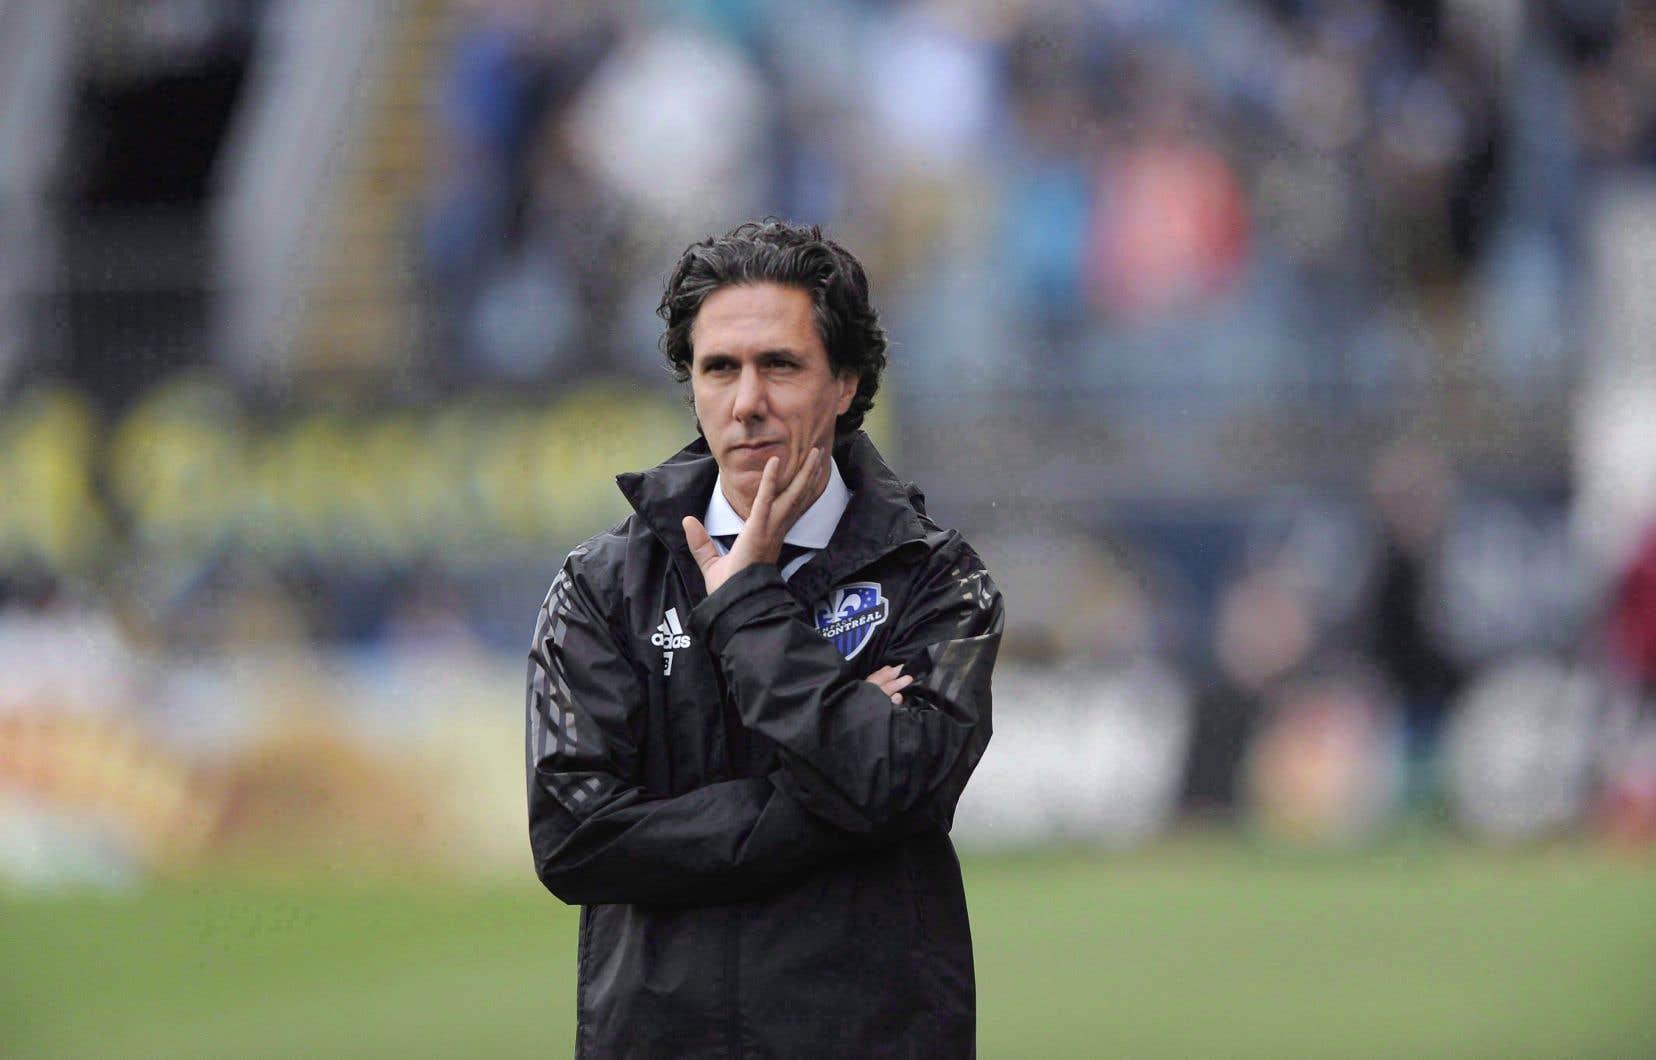 Les rumeurs se font persistantes à propos du congédiement de Mauro Biello à la fin de la saison.